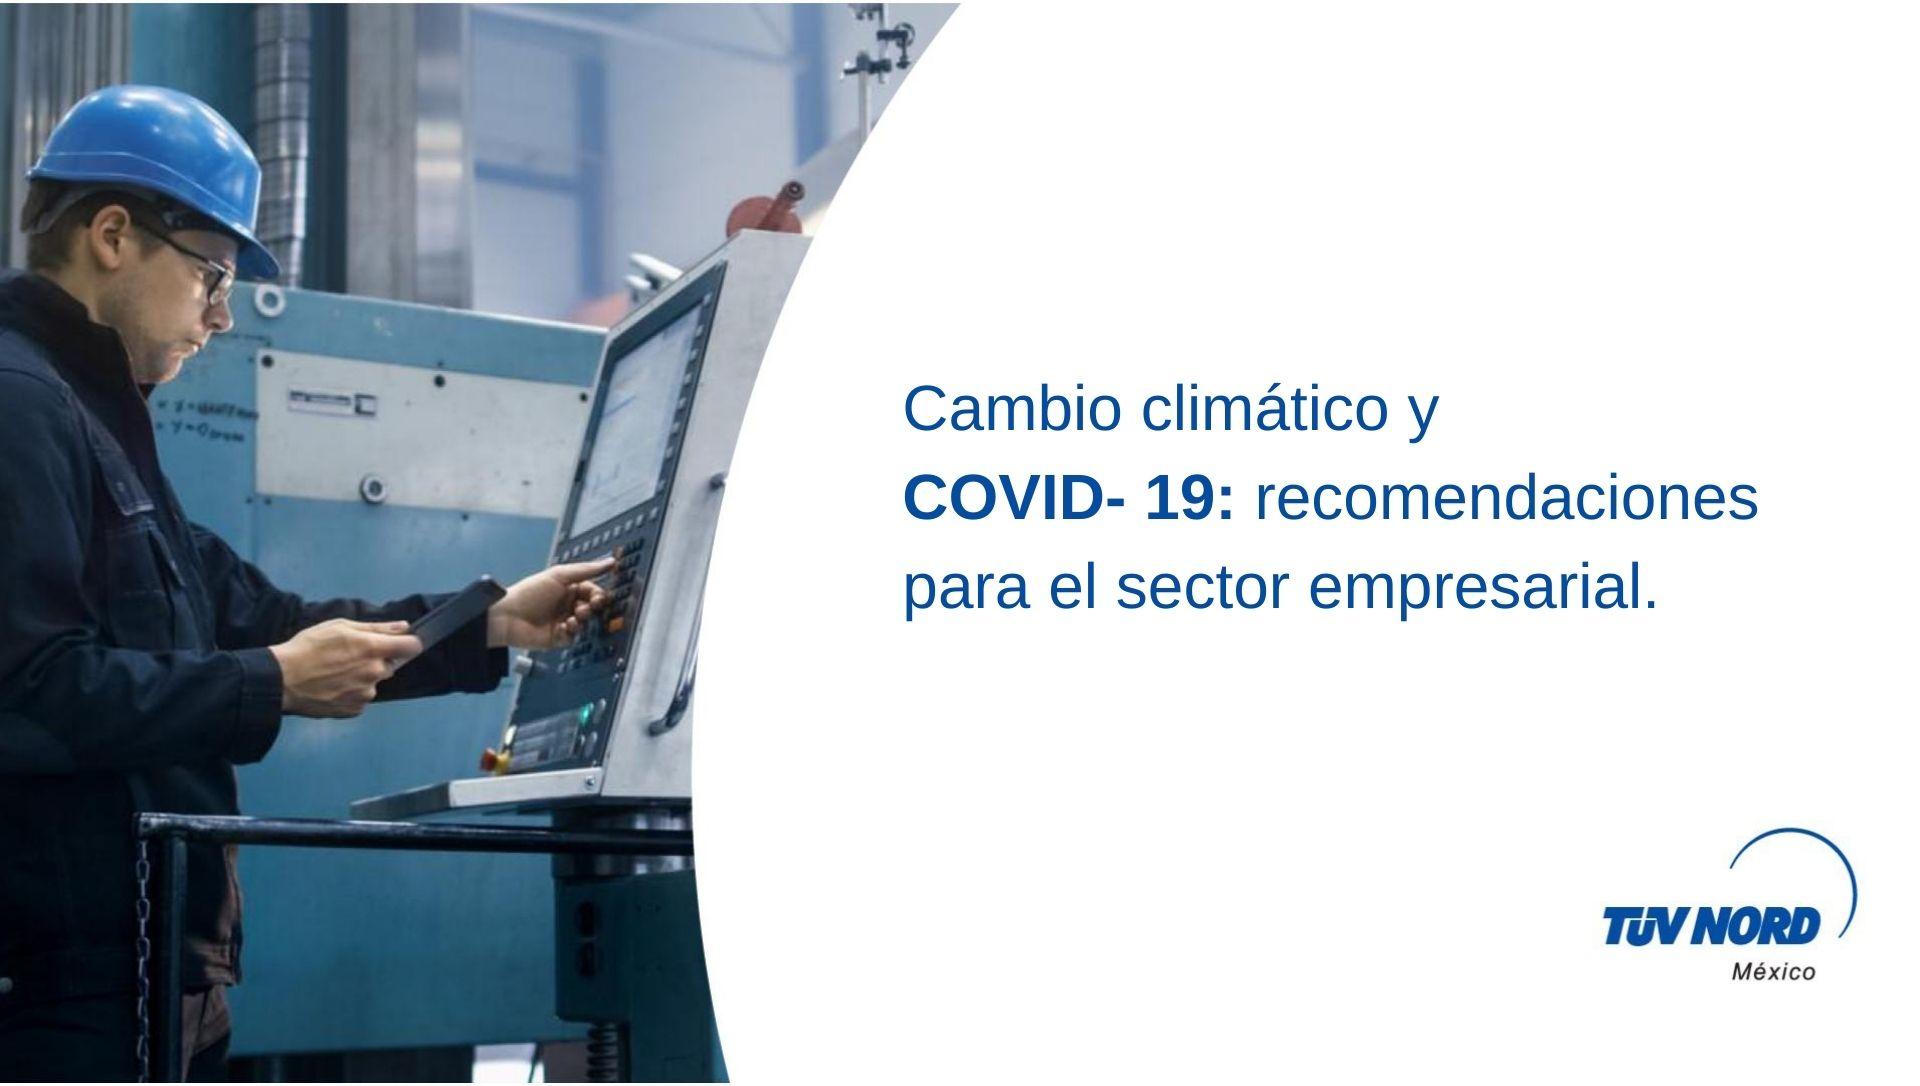 Cambio climático y COVID-19: recomendaciones para el sector empresarial.